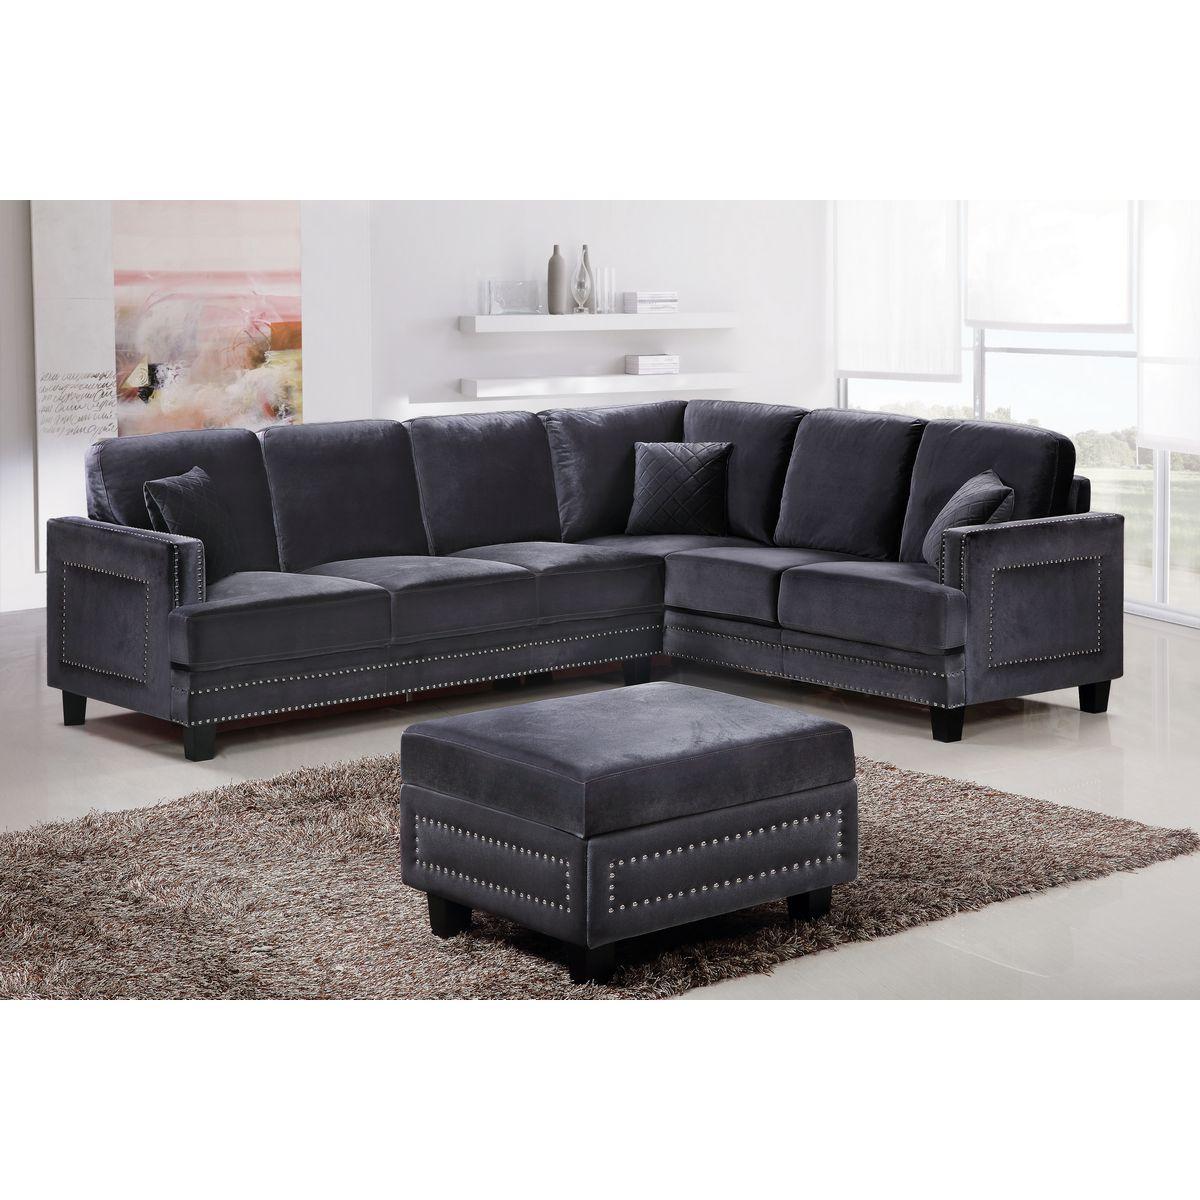 Ferrara Sectional Sofa In Gray Velvet